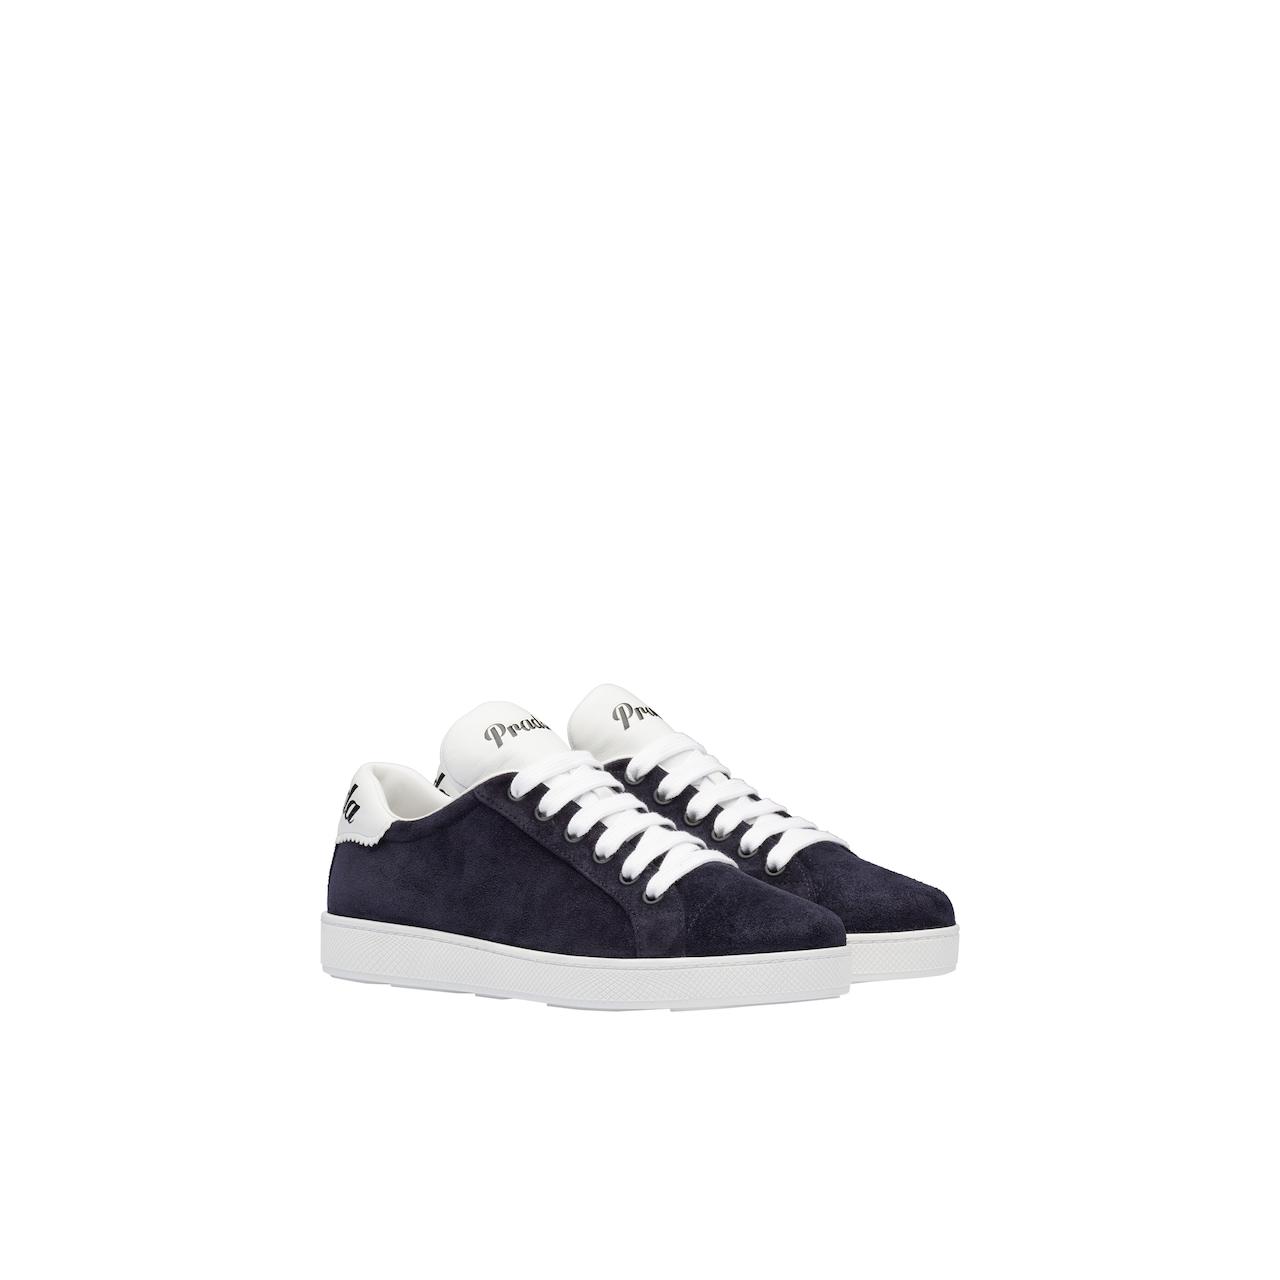 Prada 麂皮和软羊革运动鞋 1